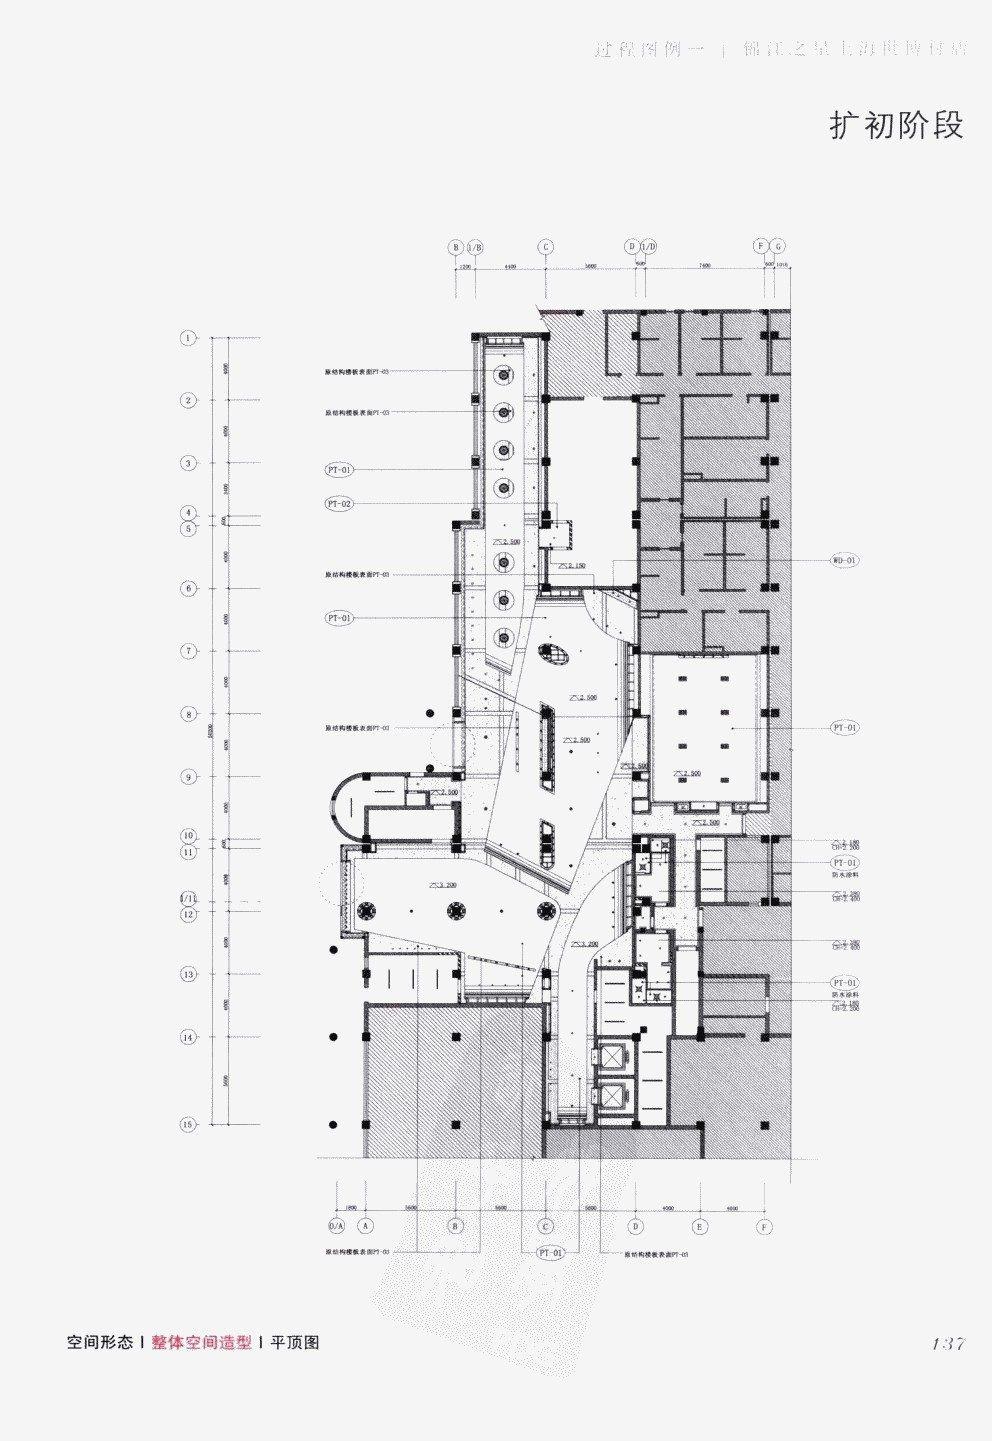 室内设计纲要++概念思考与过程表达_室内设计纲要  概念思考与过程表达_1297982..._页面_145.jpg